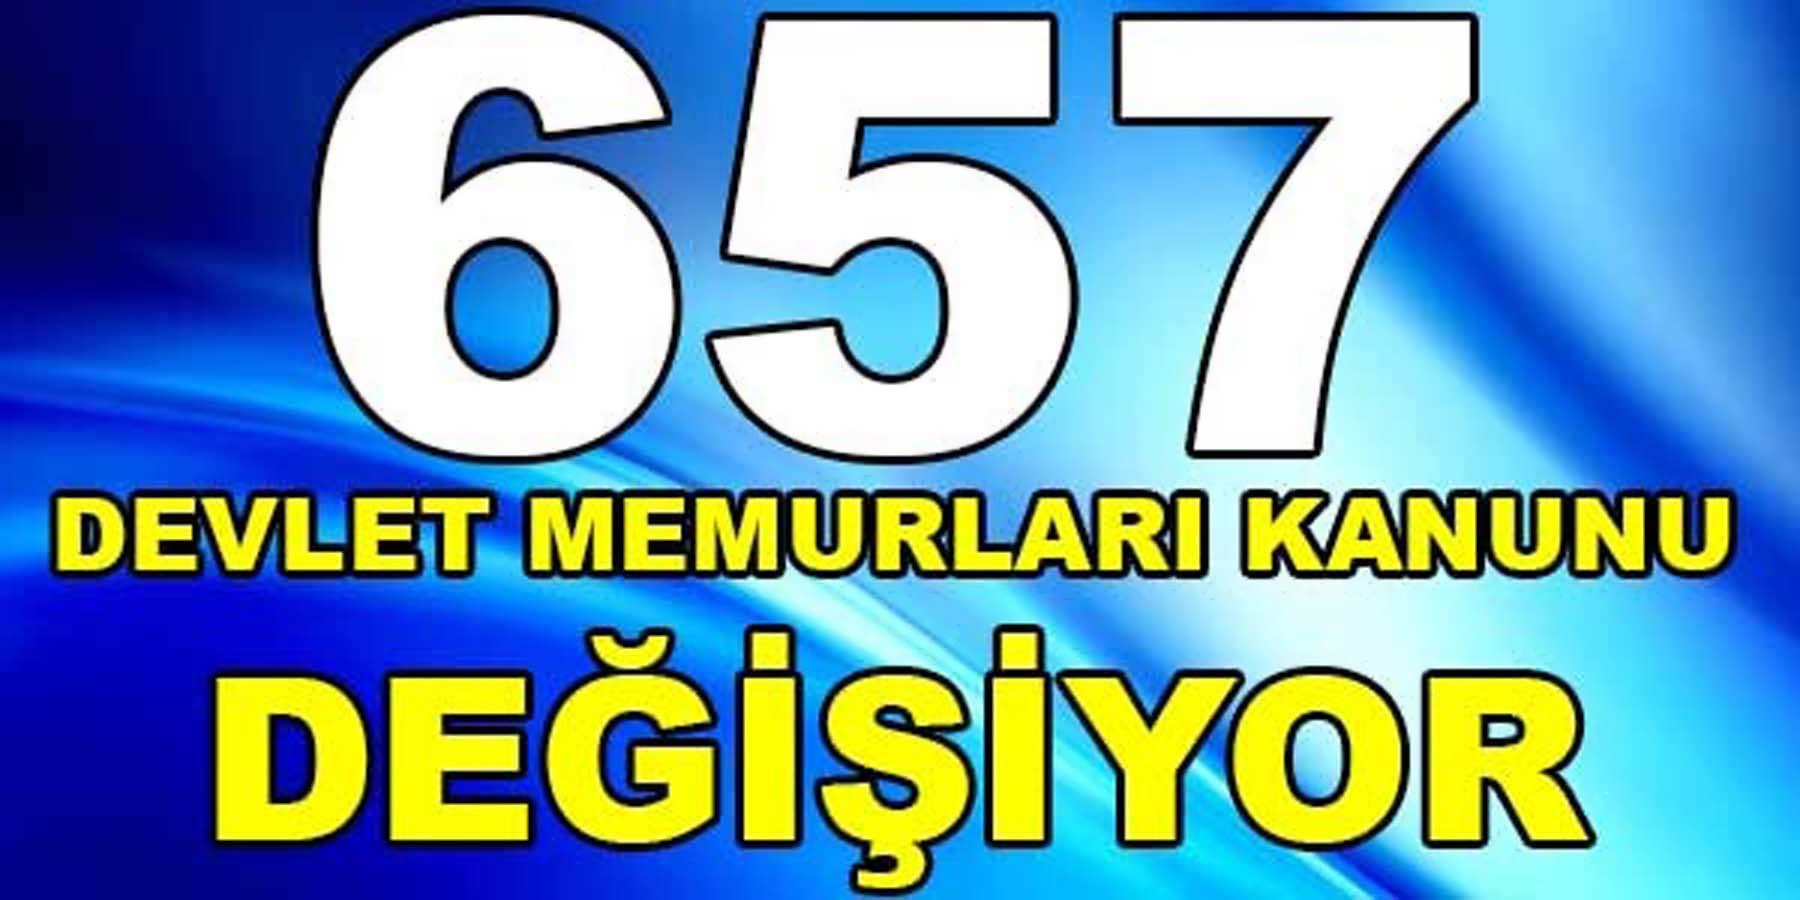 Devlet Memurlarının Çalışmasını Düzenleyen 657 Sayılı Kanun Değişiyor